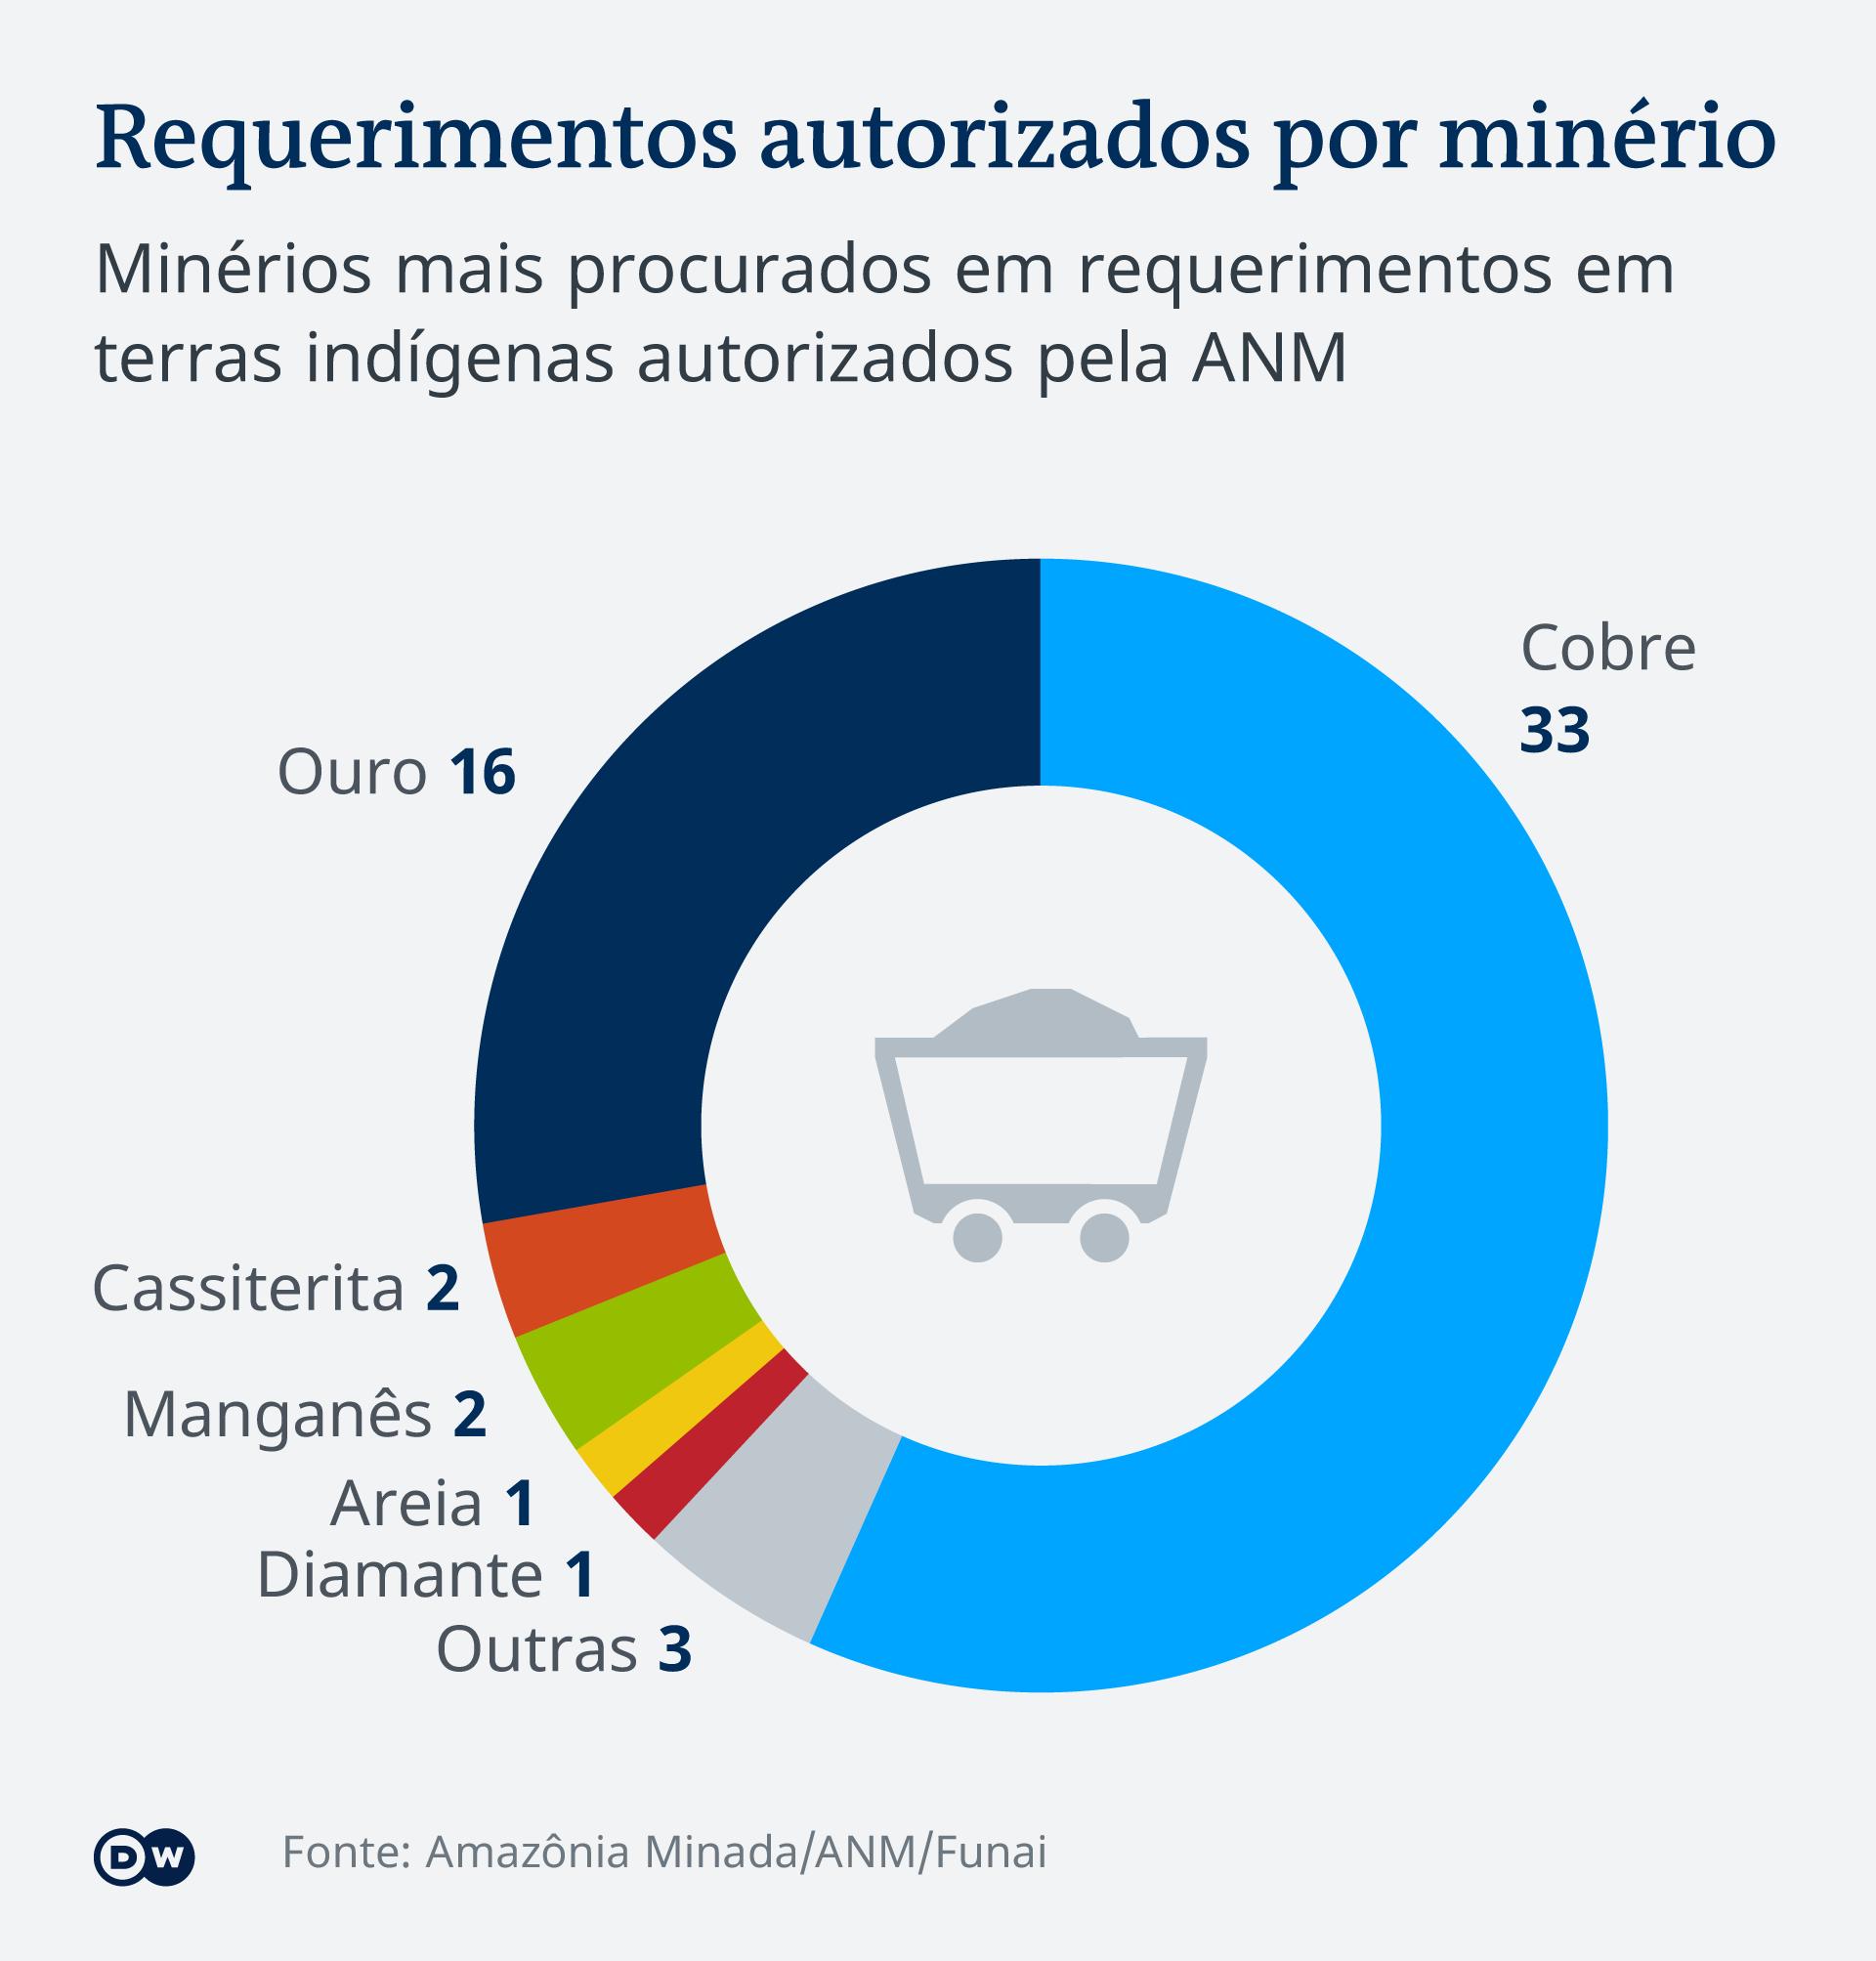 Infográfico: minérios mais procurados em requerimentos em terras indígenas autorizados pela ANM